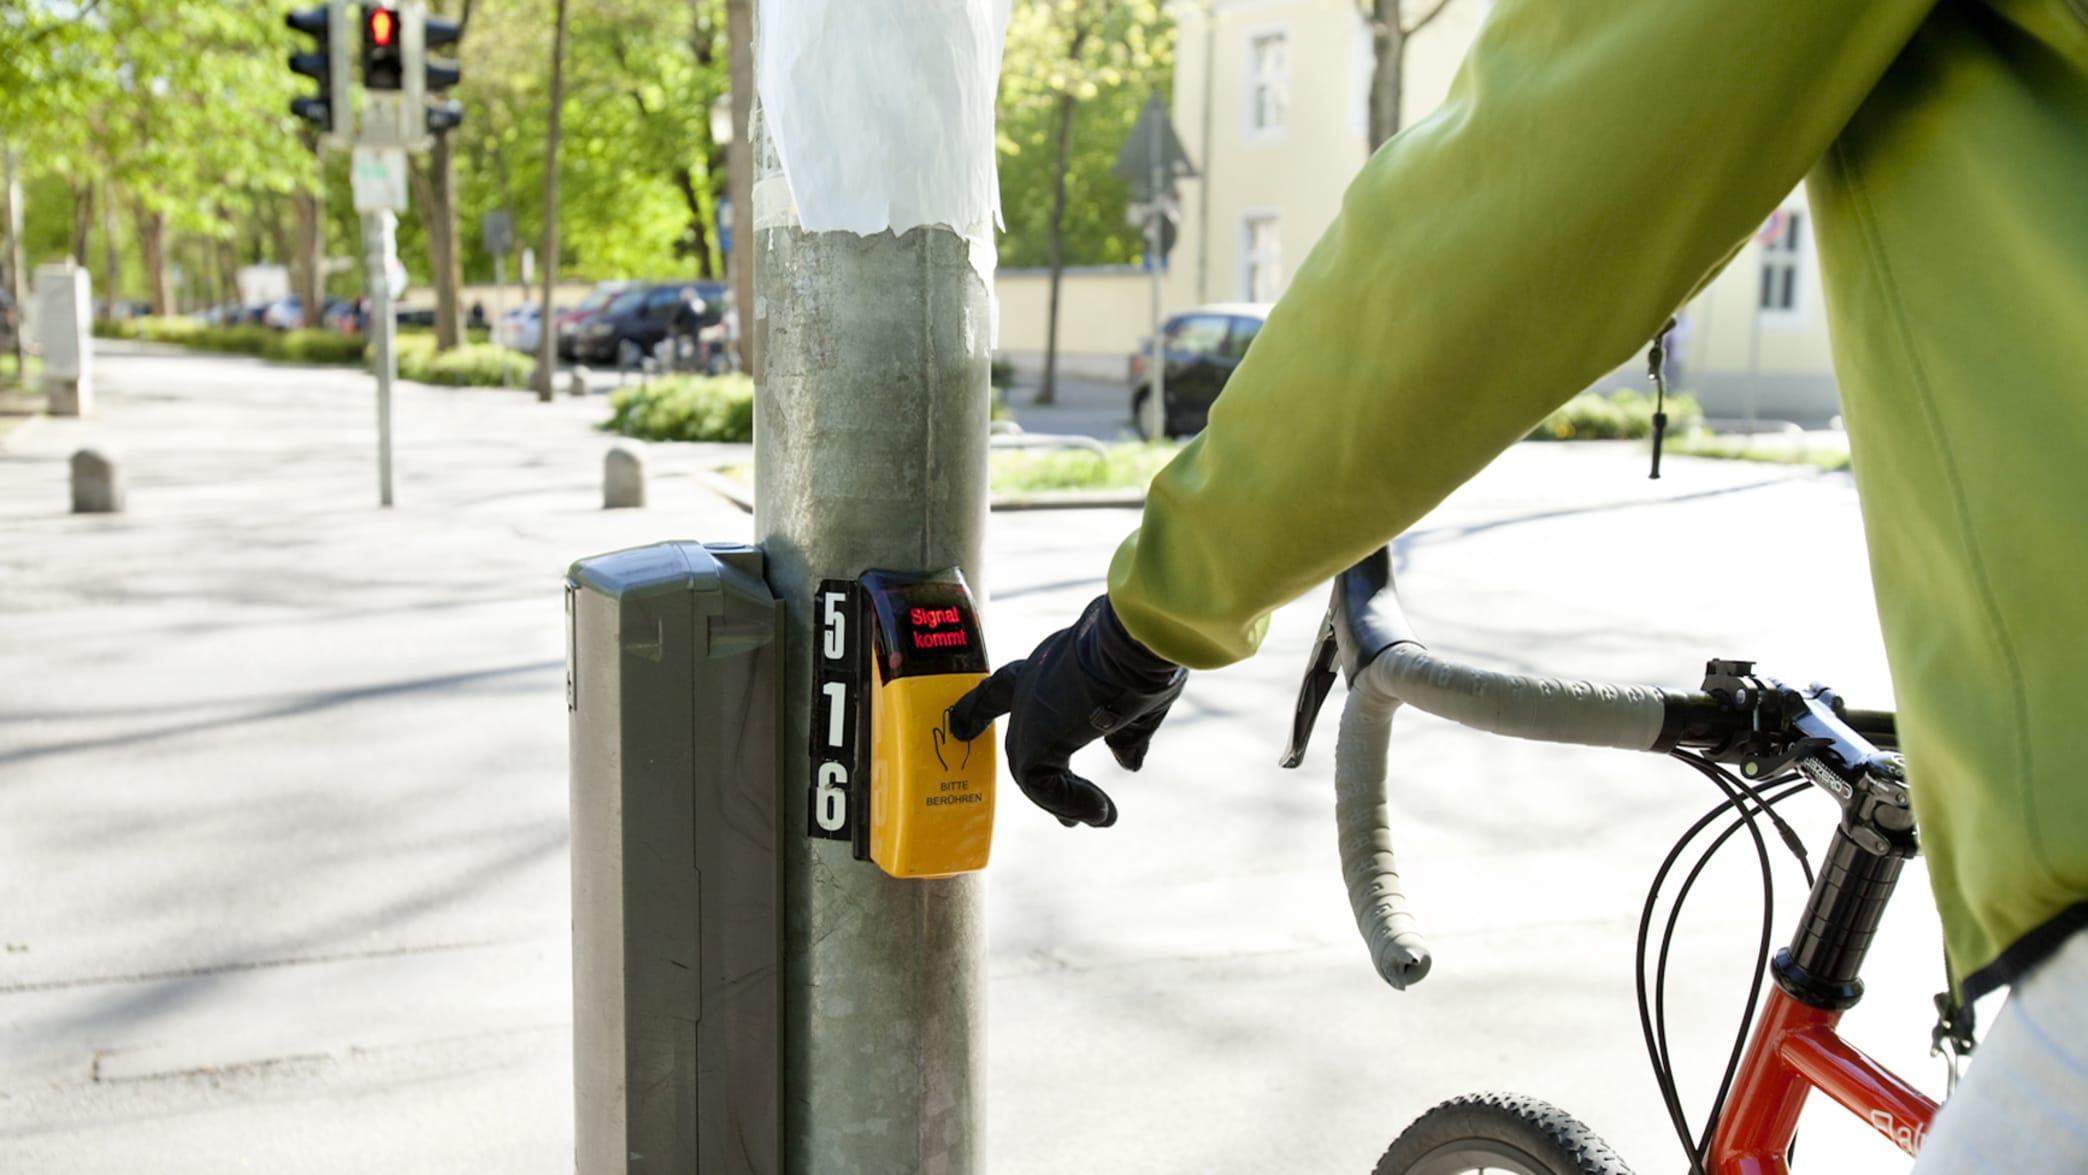 Zu Zeiten der Corona Krise wird das tragen von Handschuhen beim Radfahren zum Drücken des Ampelknopfes empfohlen